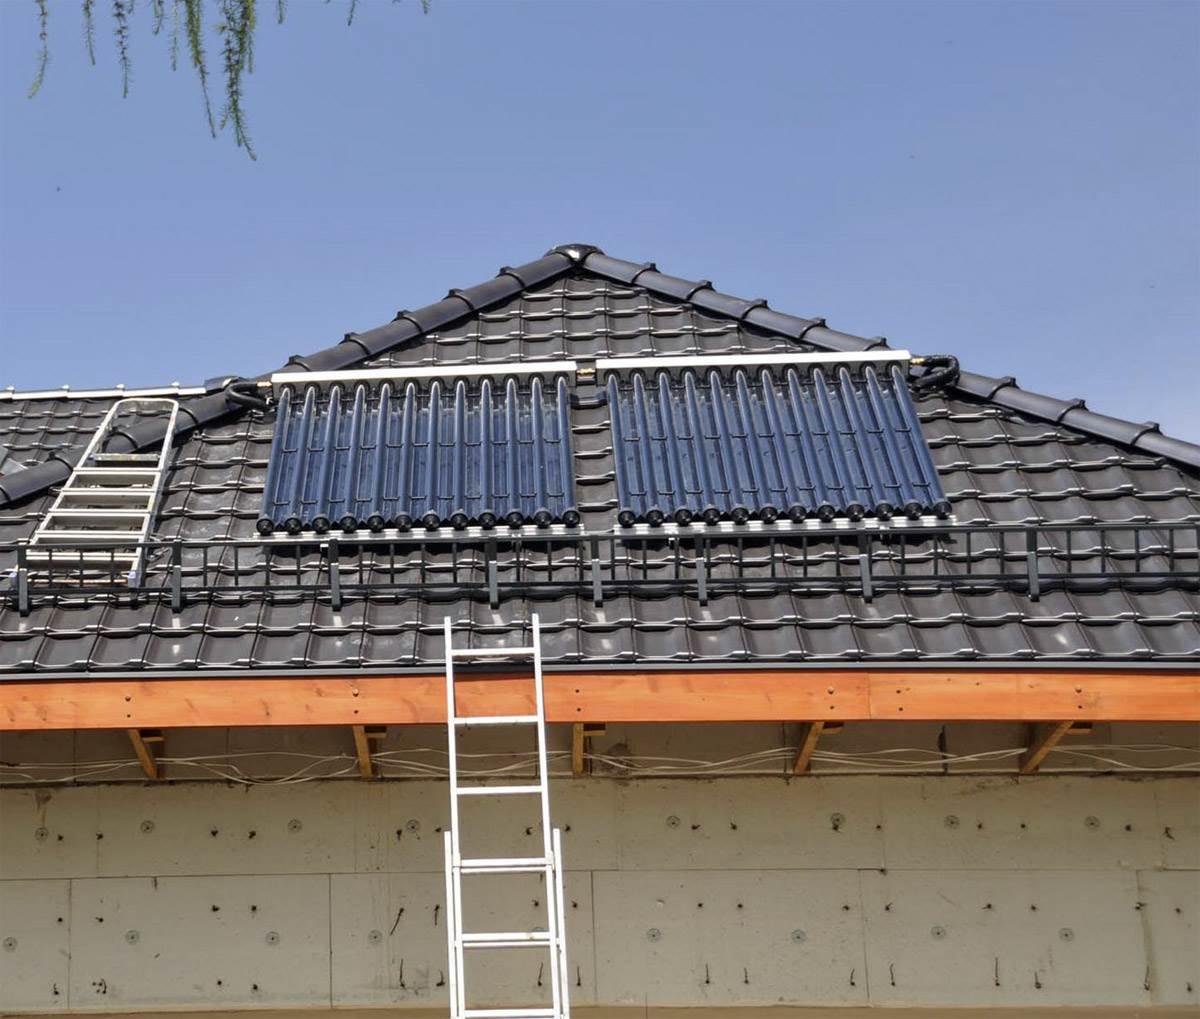 FOT. 1. W związku z optymalizacją doboru wielkości zestawu solarnego do potrzeb, instalacje projektuje się tak, aby średnio rocznie dostarczała około 55-65% ciepłej wody użytkowej. Fot.: Caldoris